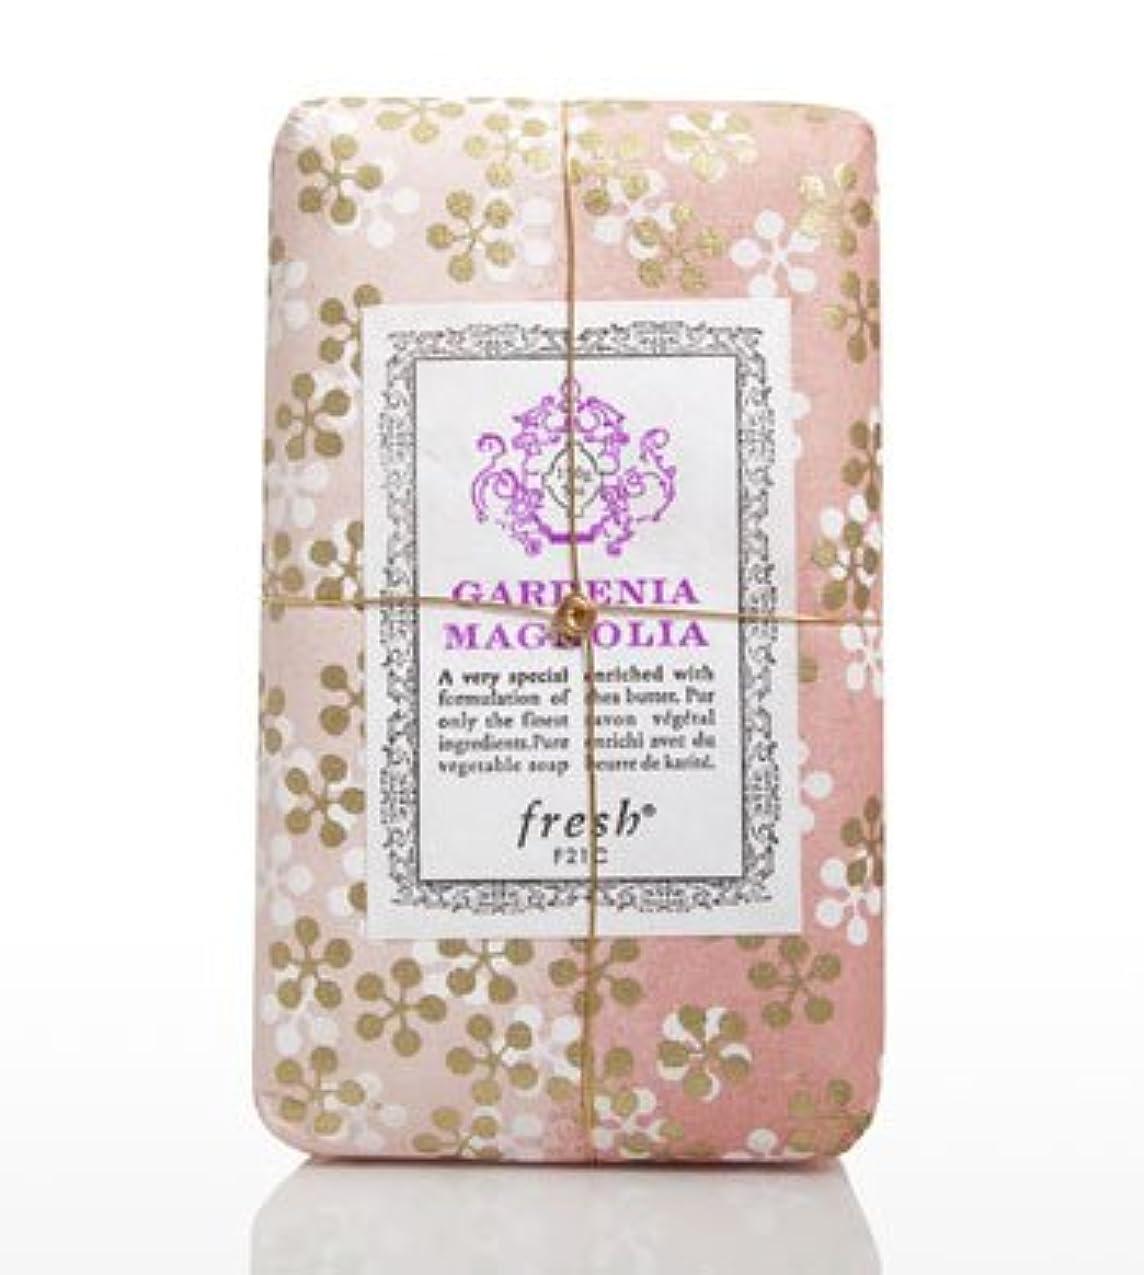 戻るタイプ弾薬Fresh GARDENIA MAGNOLIA SOAP(フレッシュ ガーデナマグノリア ソープ) 5.0 oz (150gl) 石鹸 by Fresh